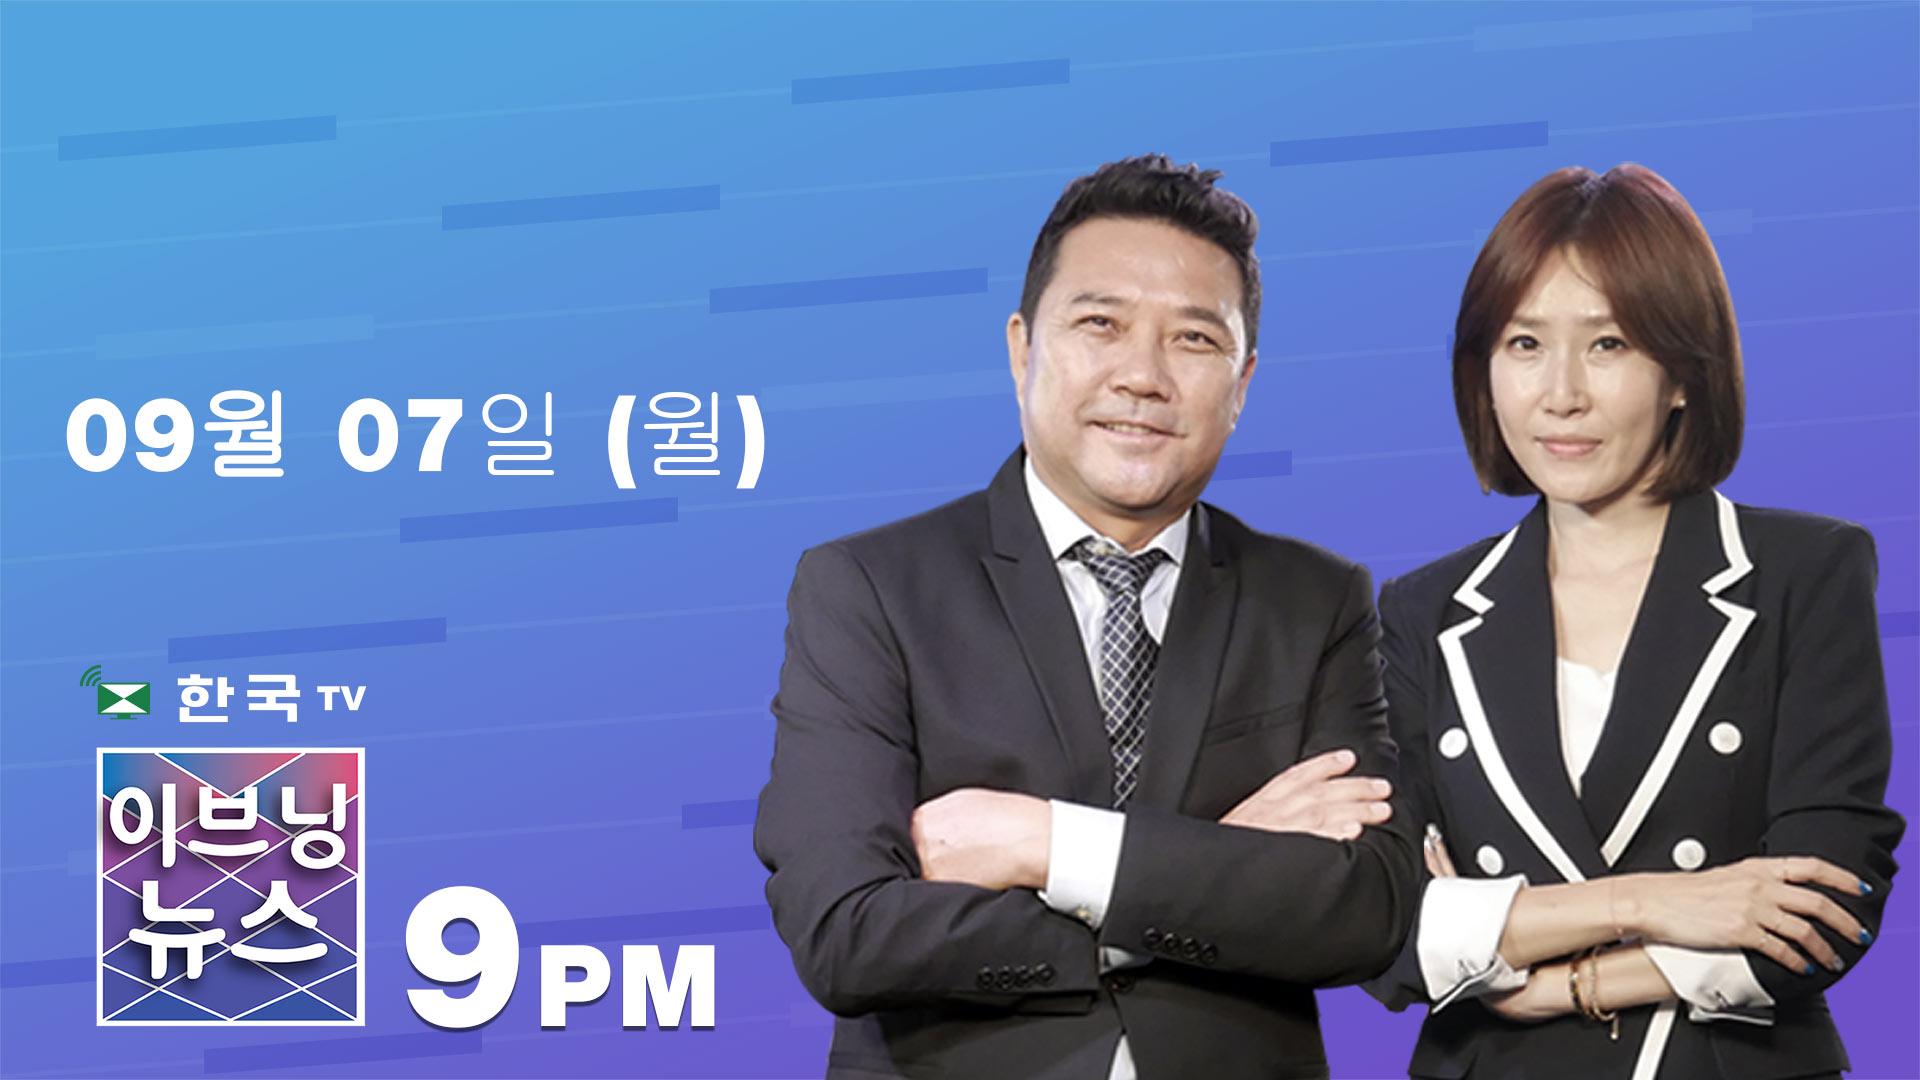 (09.07.2020) 한국TV 이브닝 뉴스